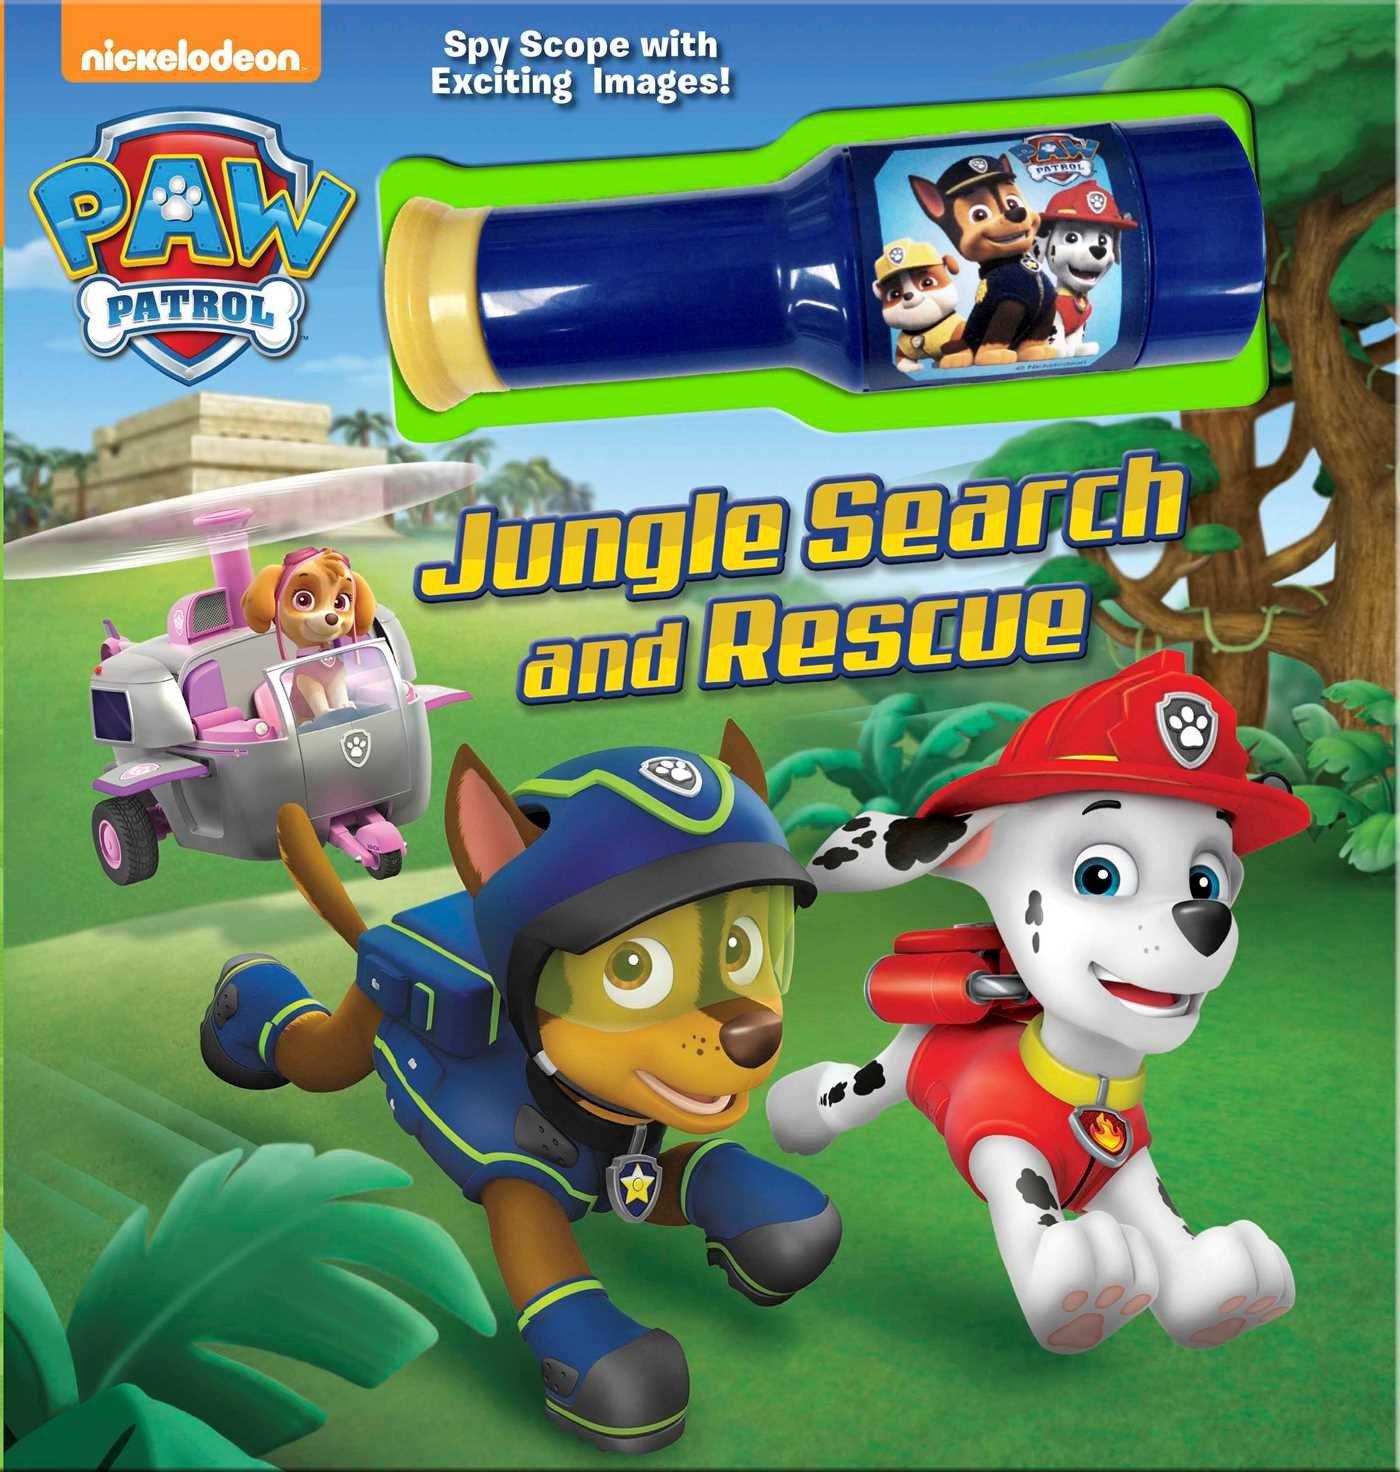 Jungle Search And Rescue Paw Patrol Wiki Fandom